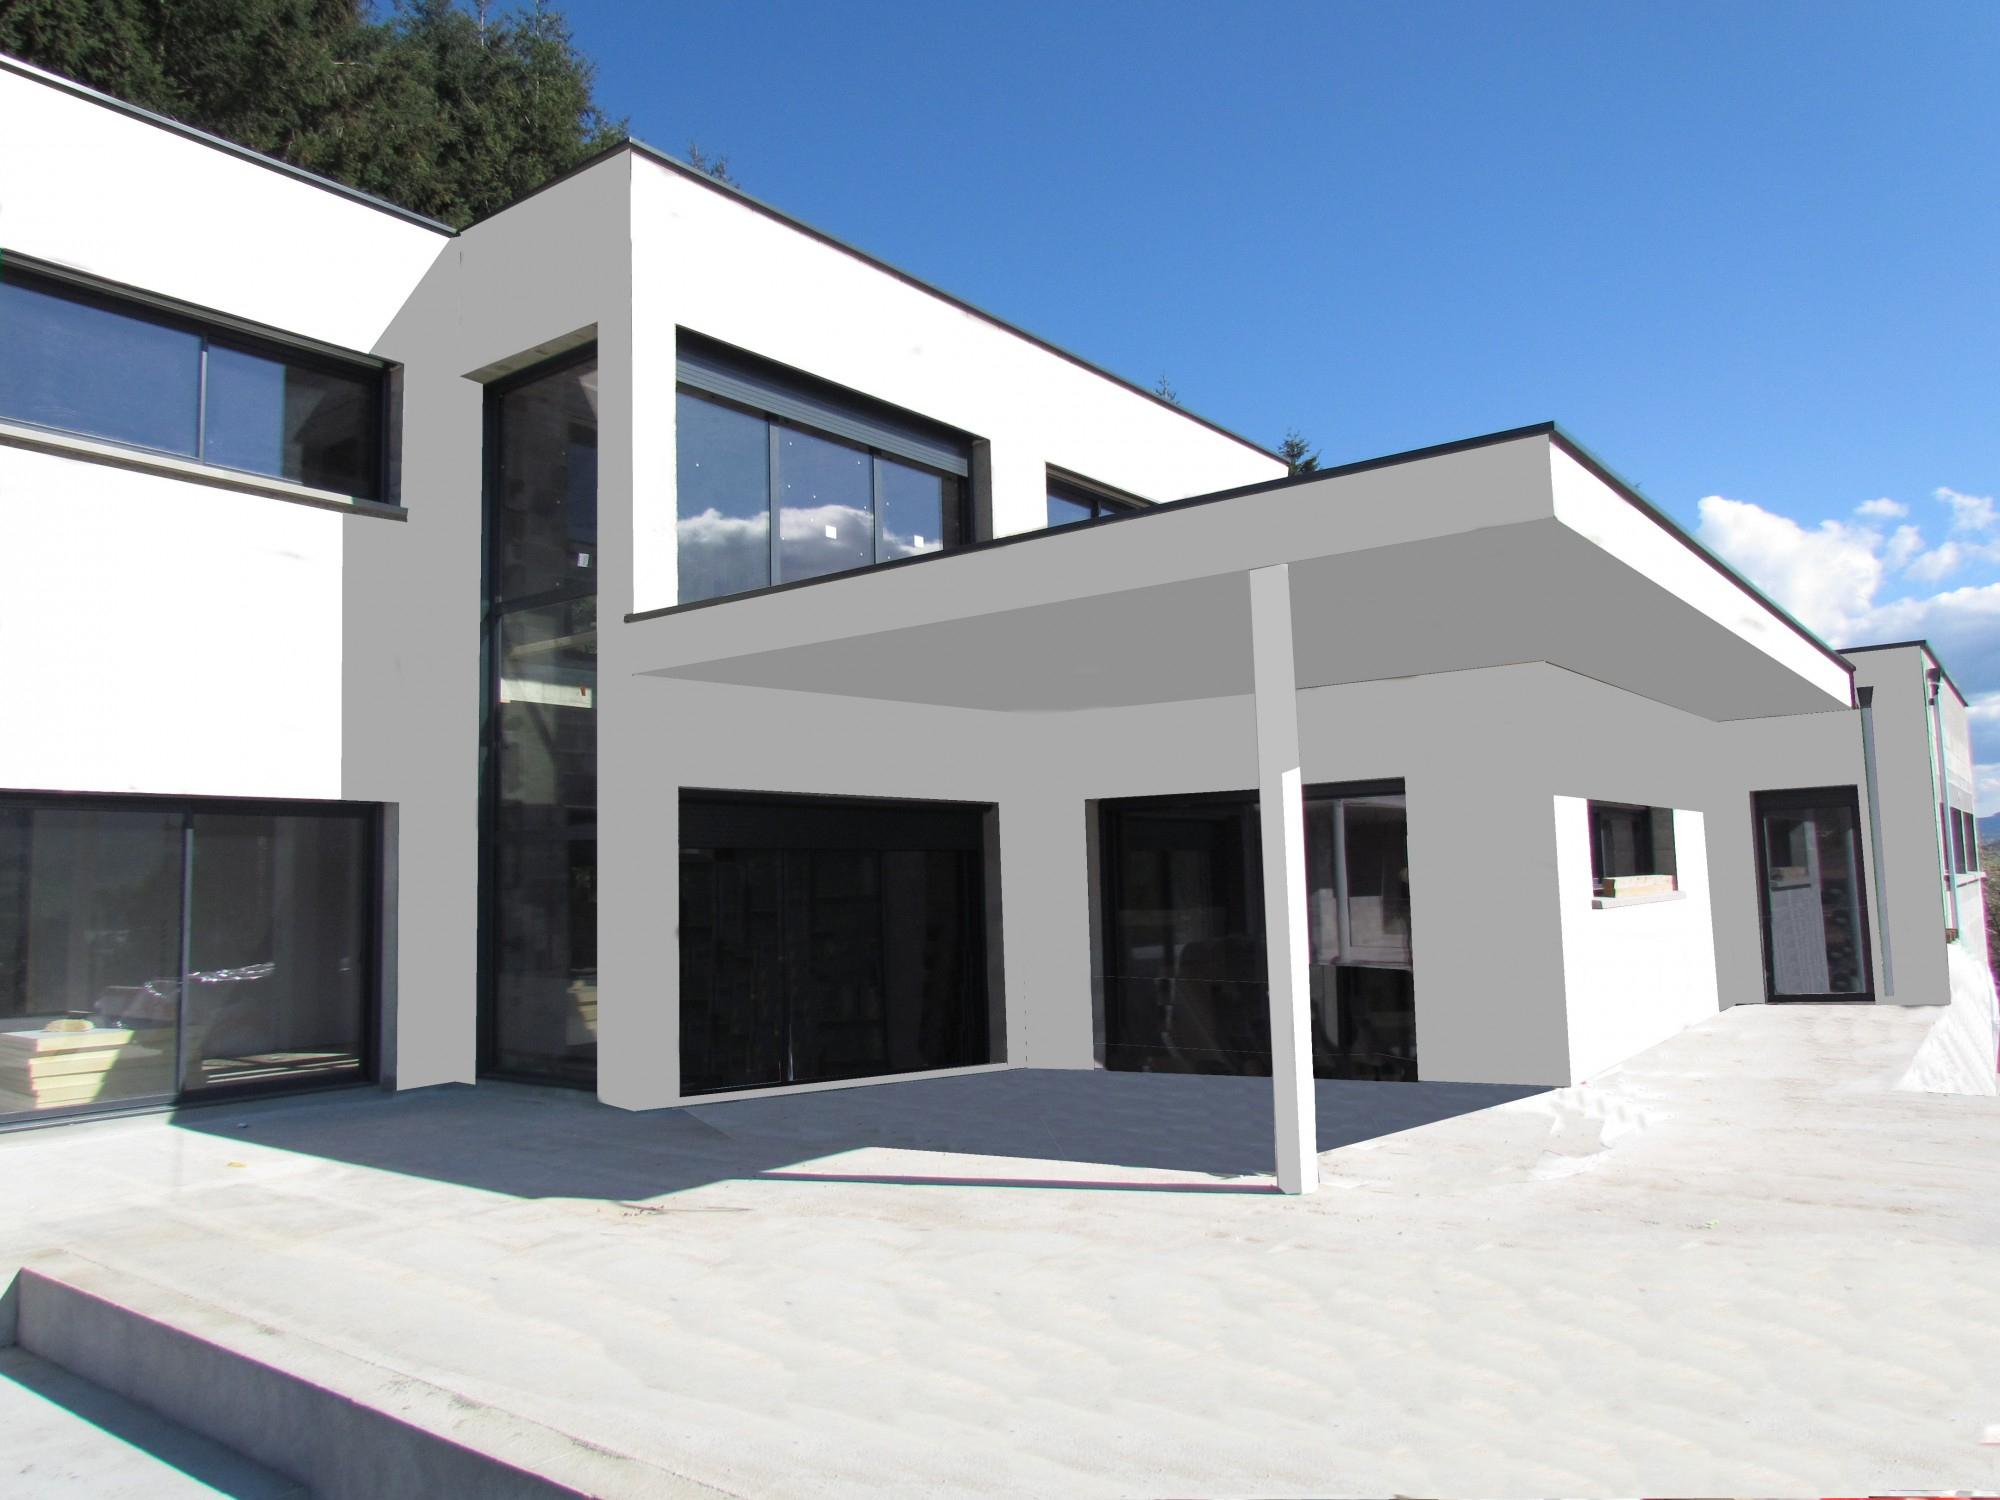 Maison Contemporaine Toit Terrasse - Mc Immo dedans Toit Terrasse Sans Acrotère